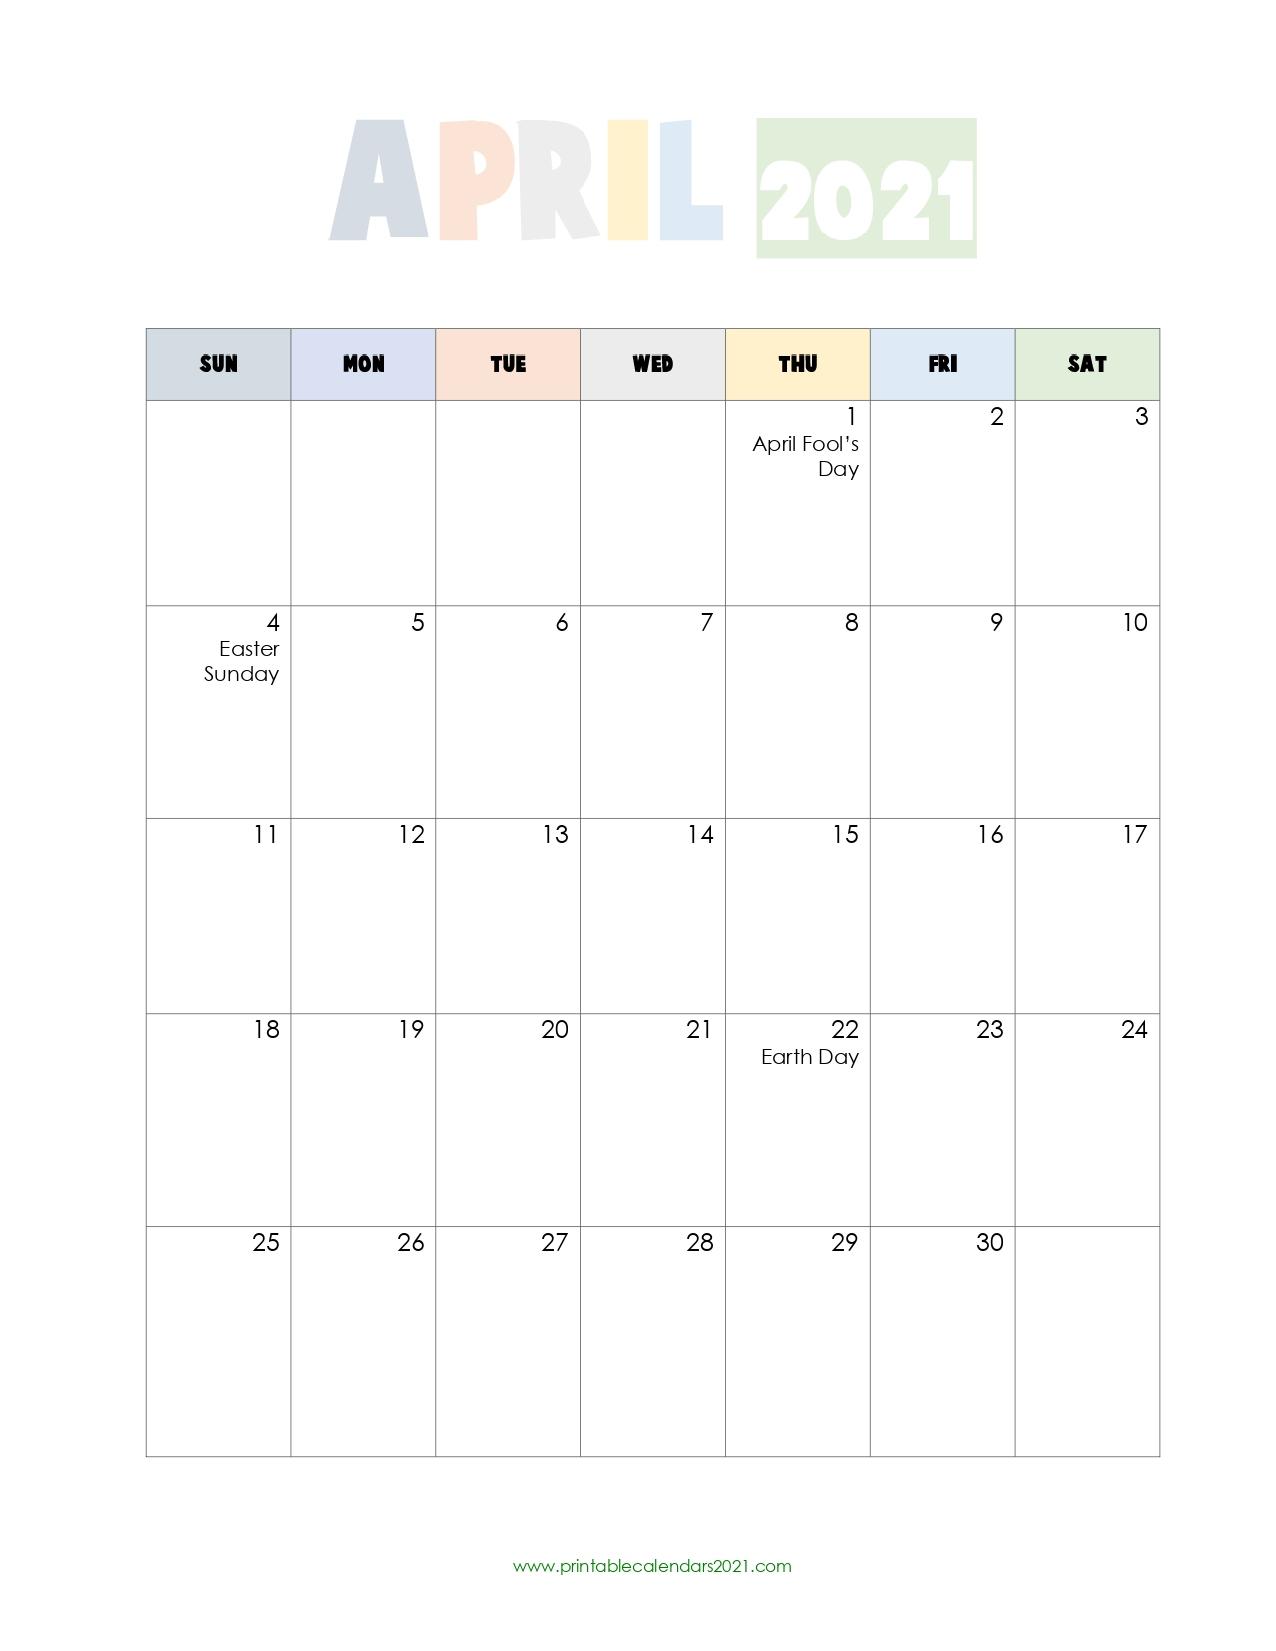 Calendar April 2021 - April 2022